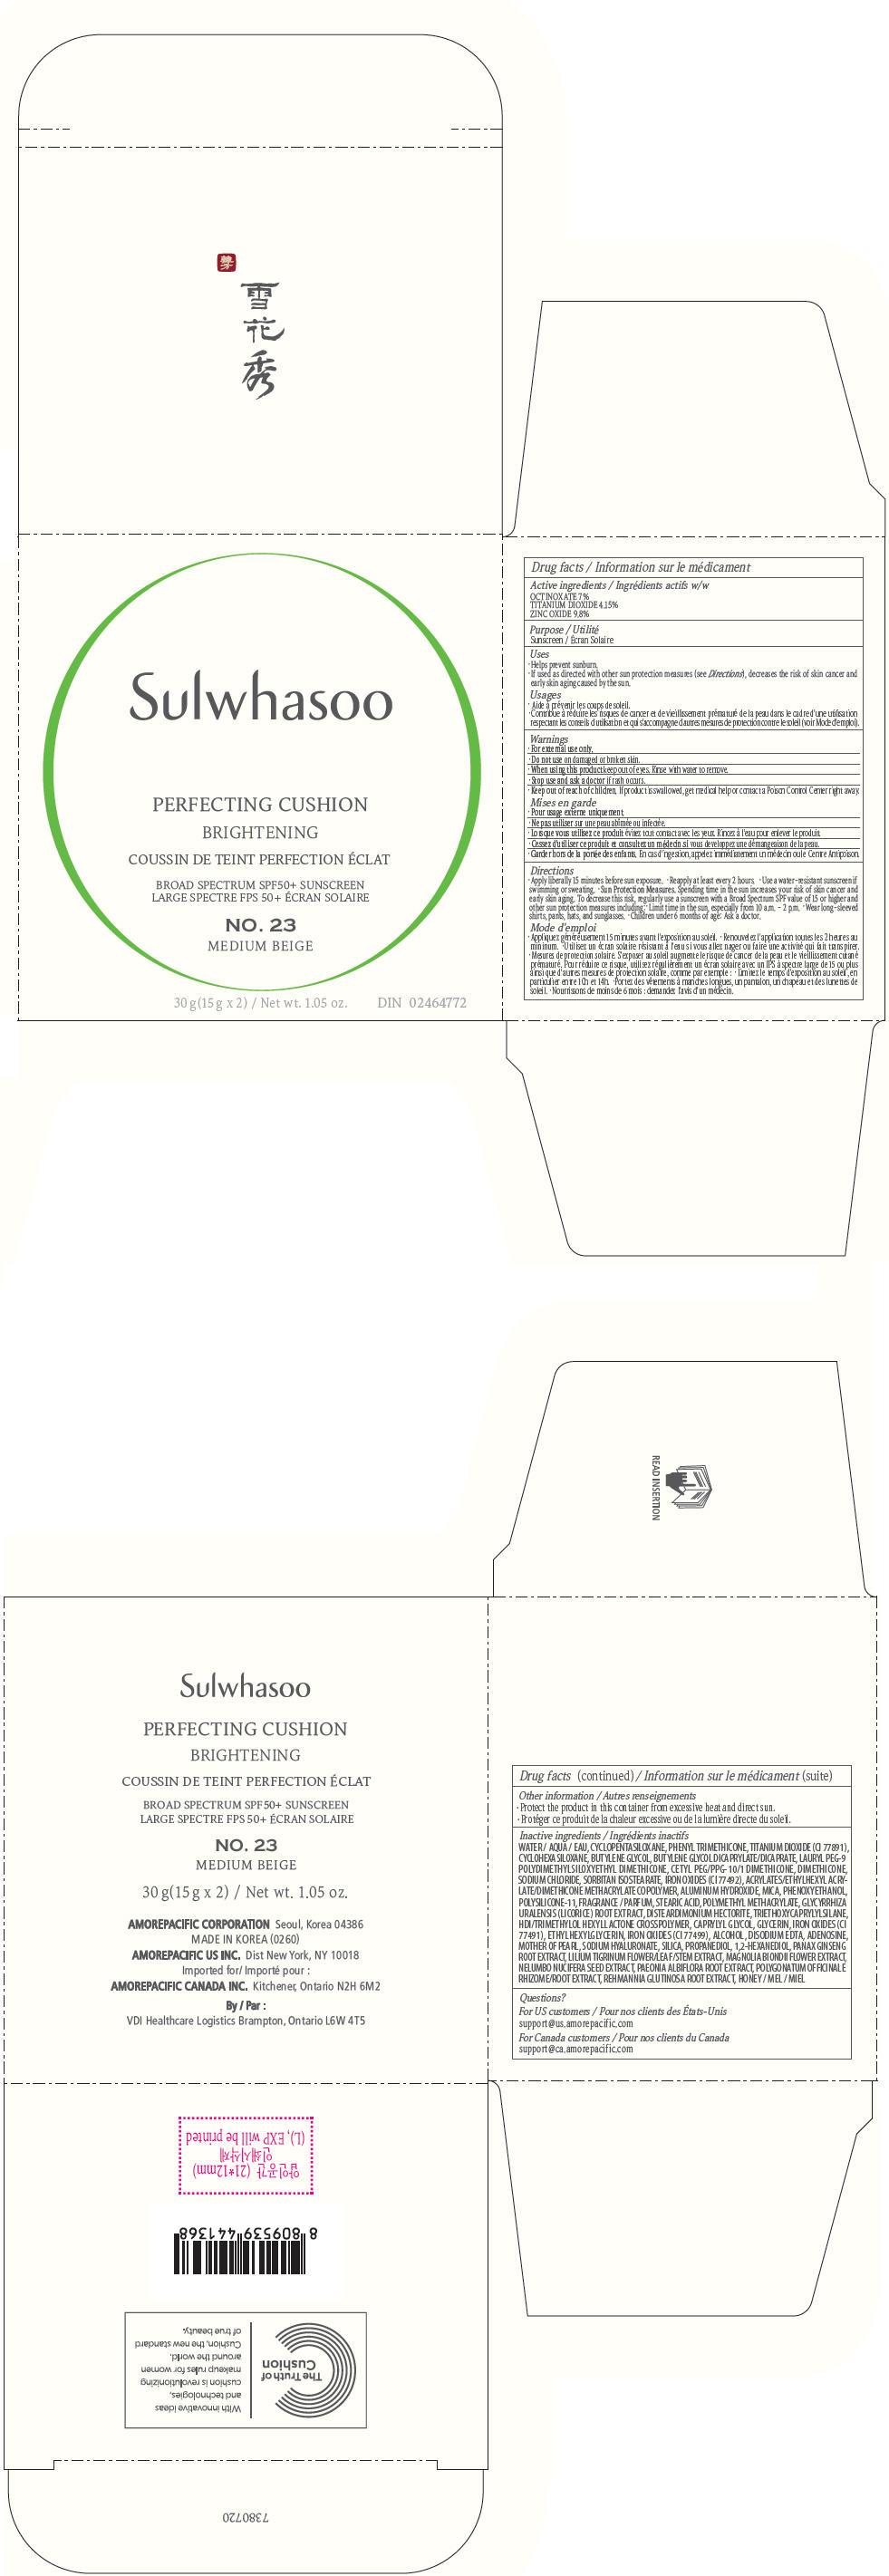 PRINCIPAL DISPLAY PANEL - 30 g Container Carton - NO. 23 MEDIUM BEIGE